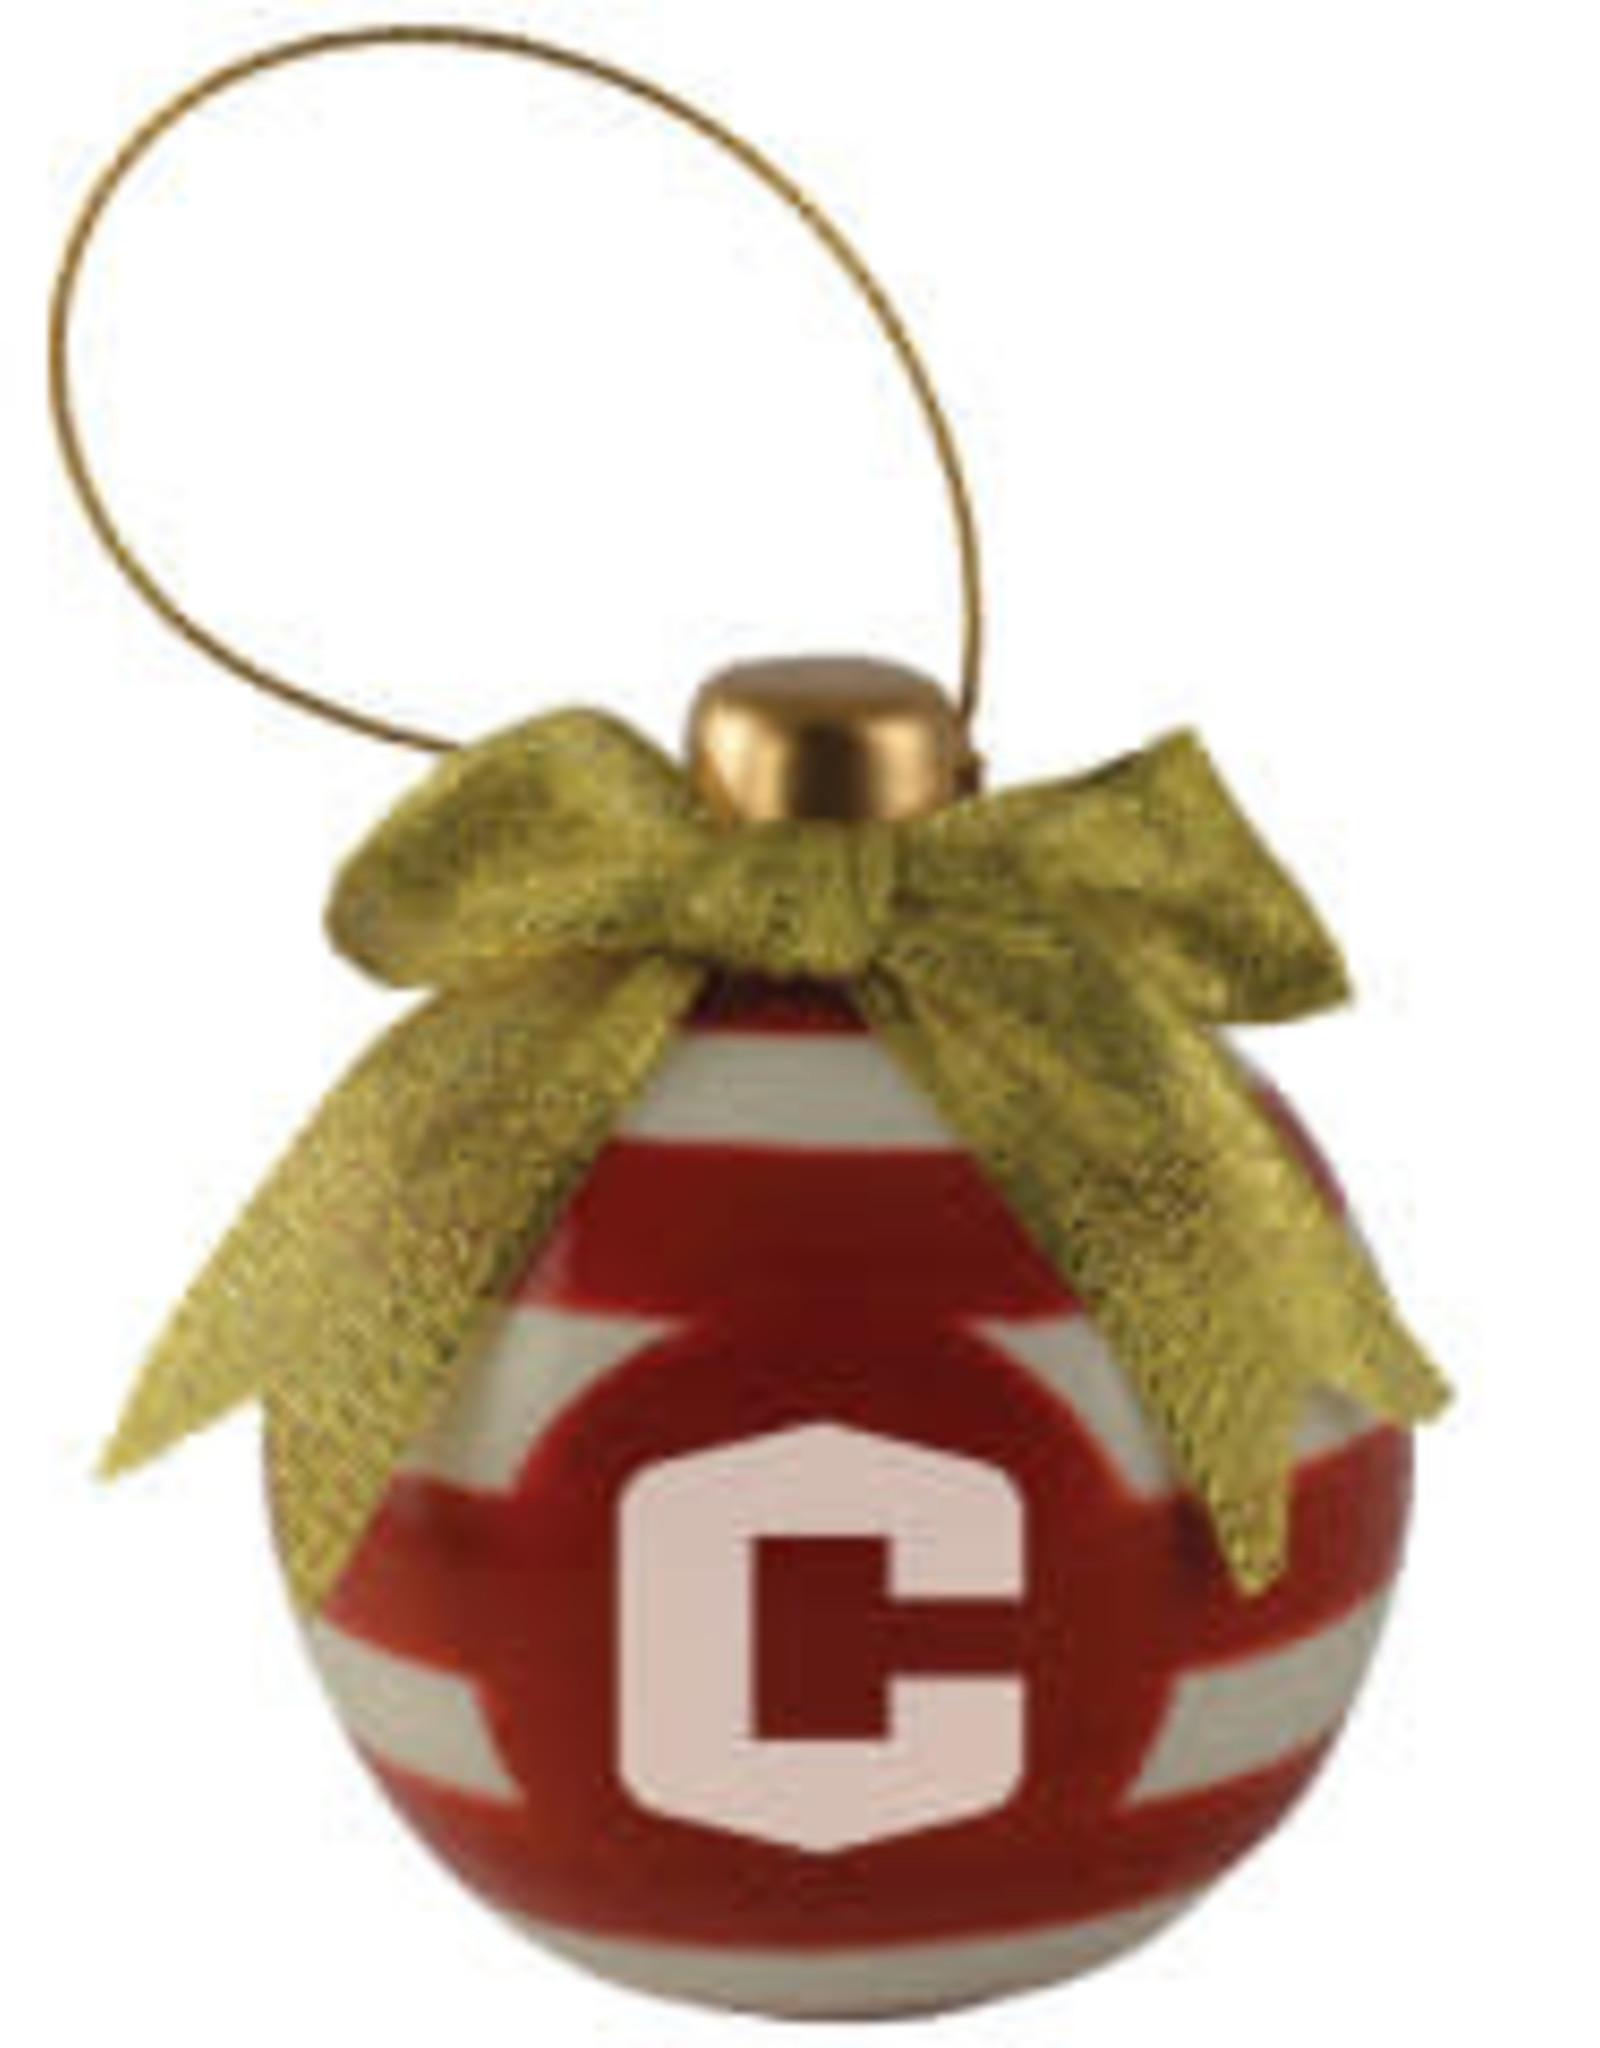 LXG LXG Ceramic Christmas Ornament